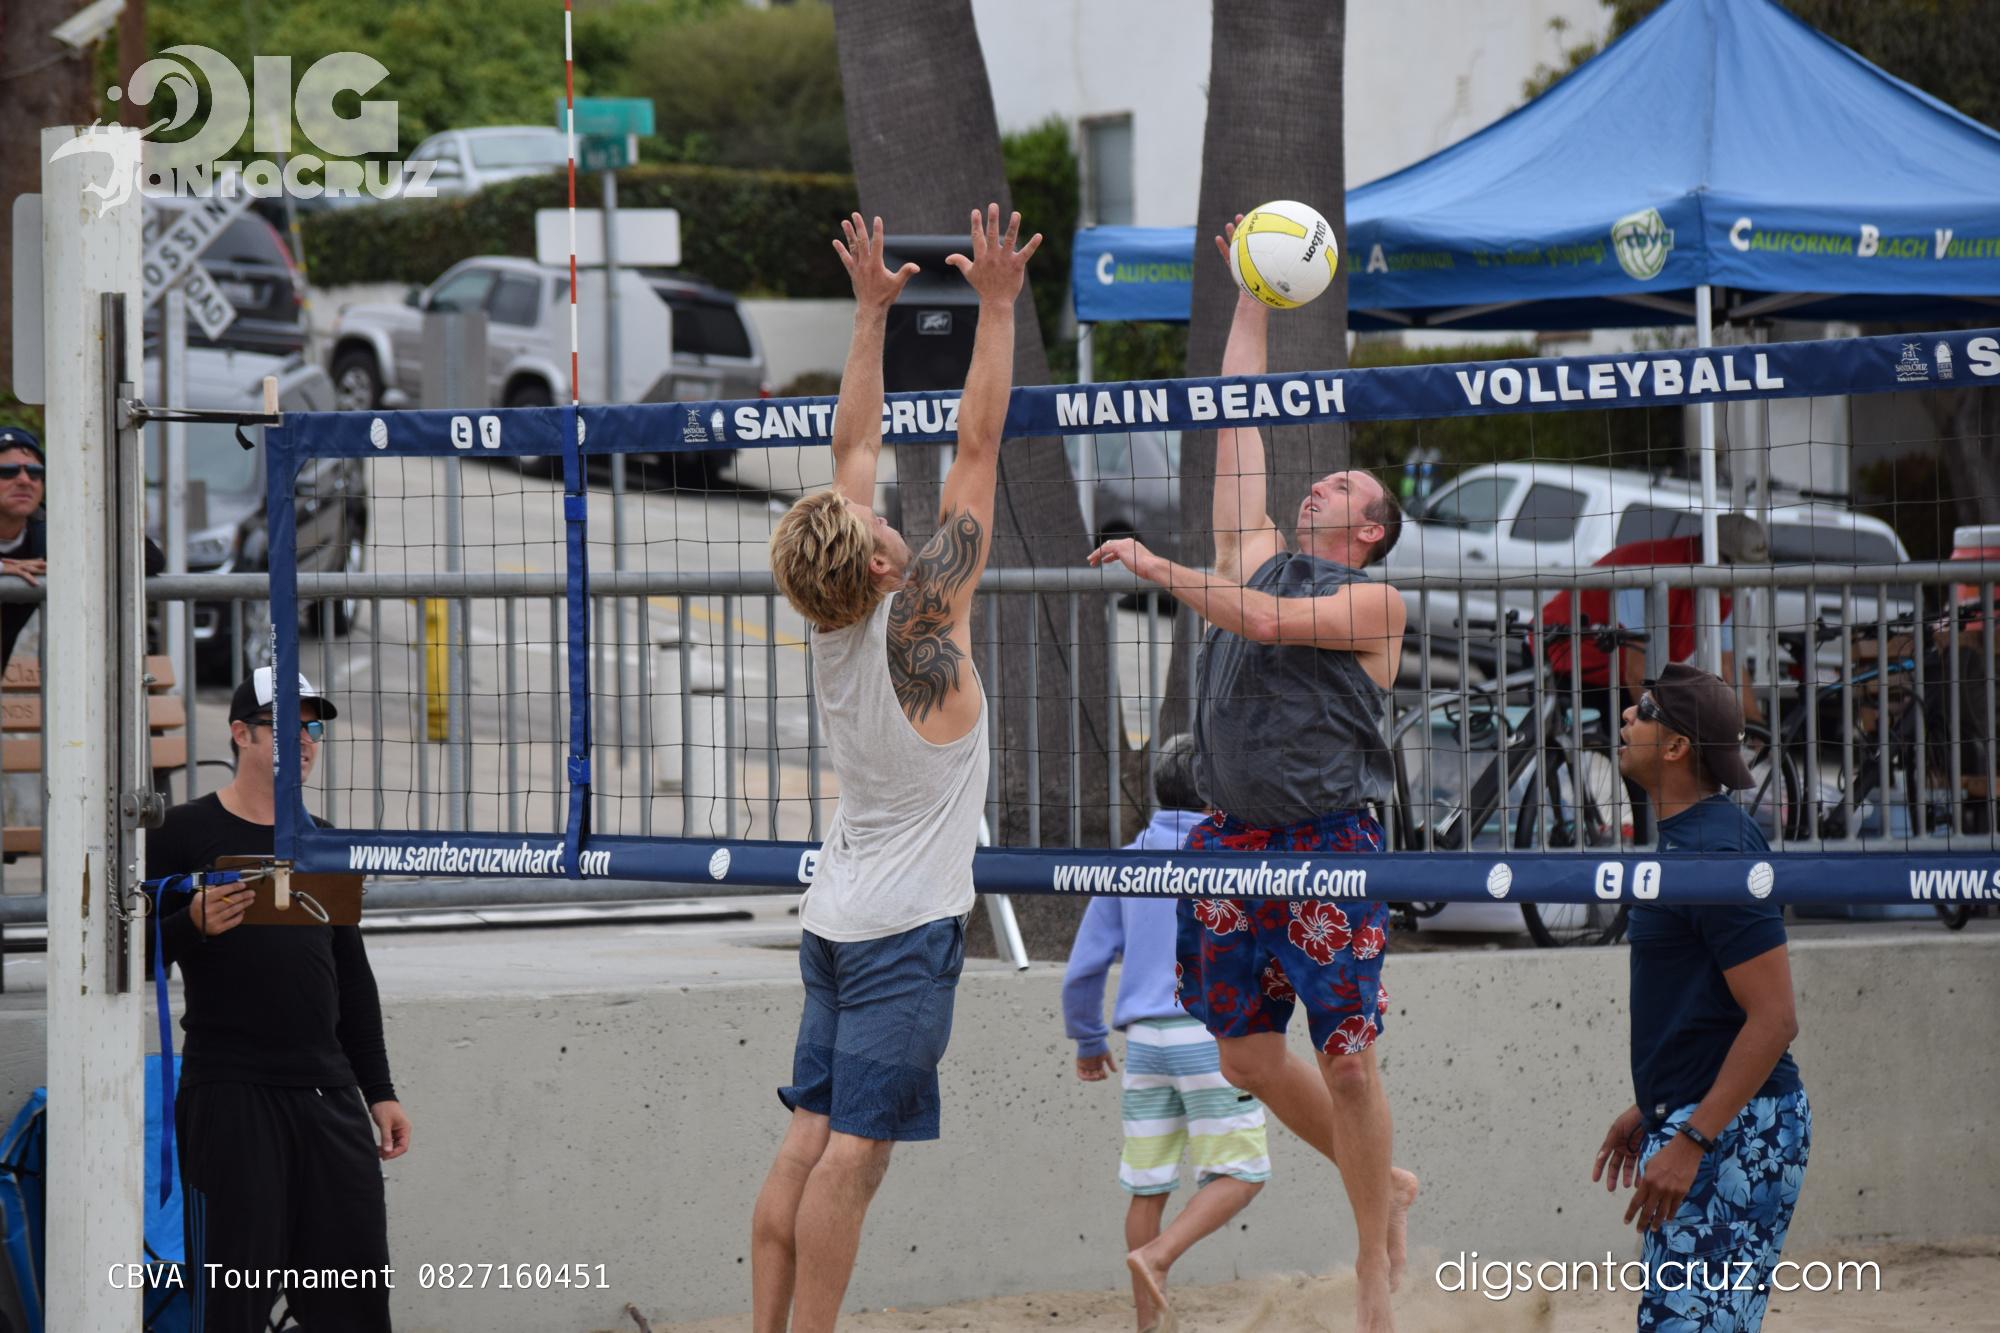 8.27.16 CBVA Tournament 451.jpg